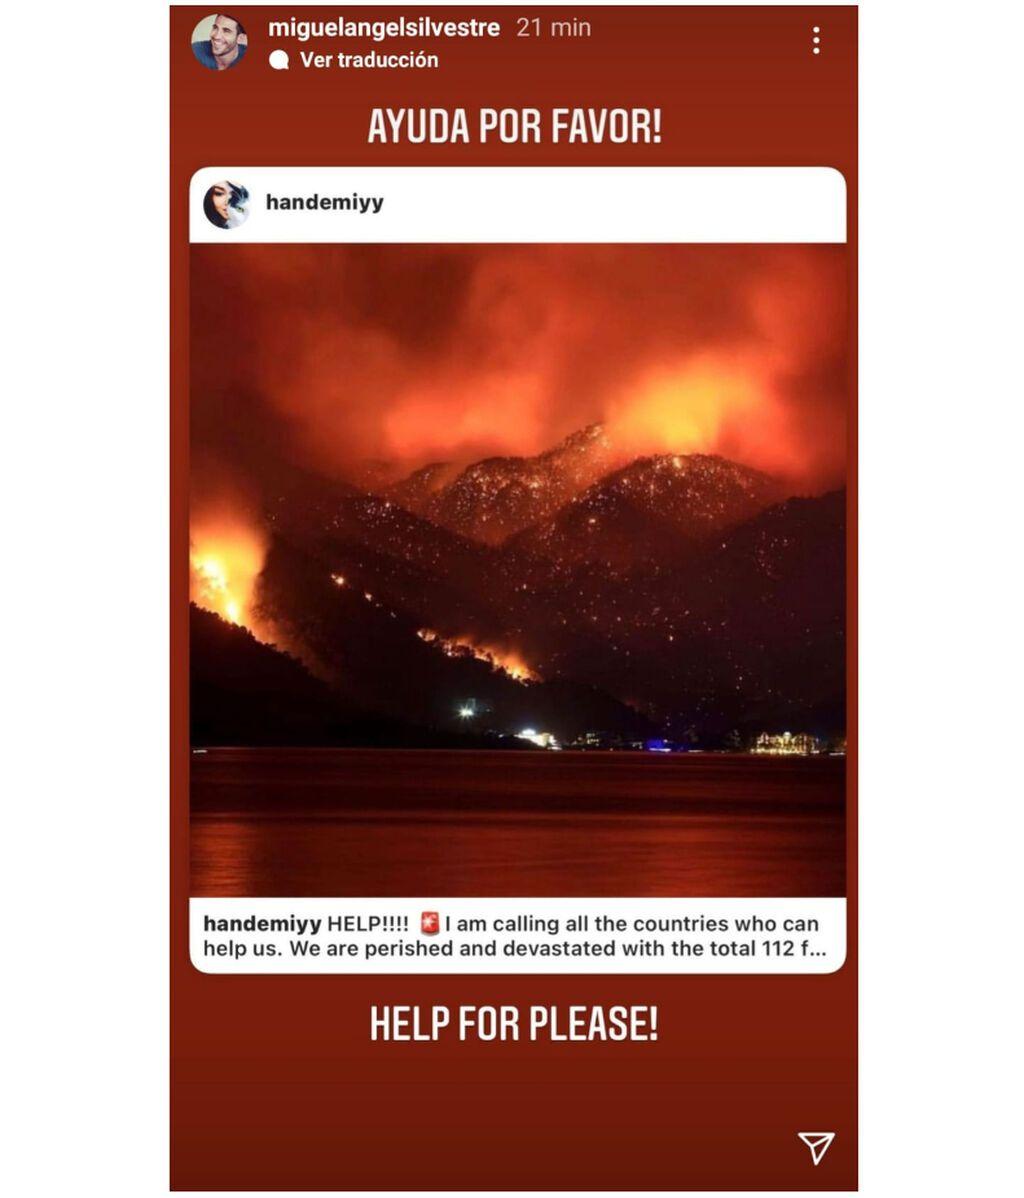 Miguel Ángel Silvestre se hace eco de los incendios de Turquía